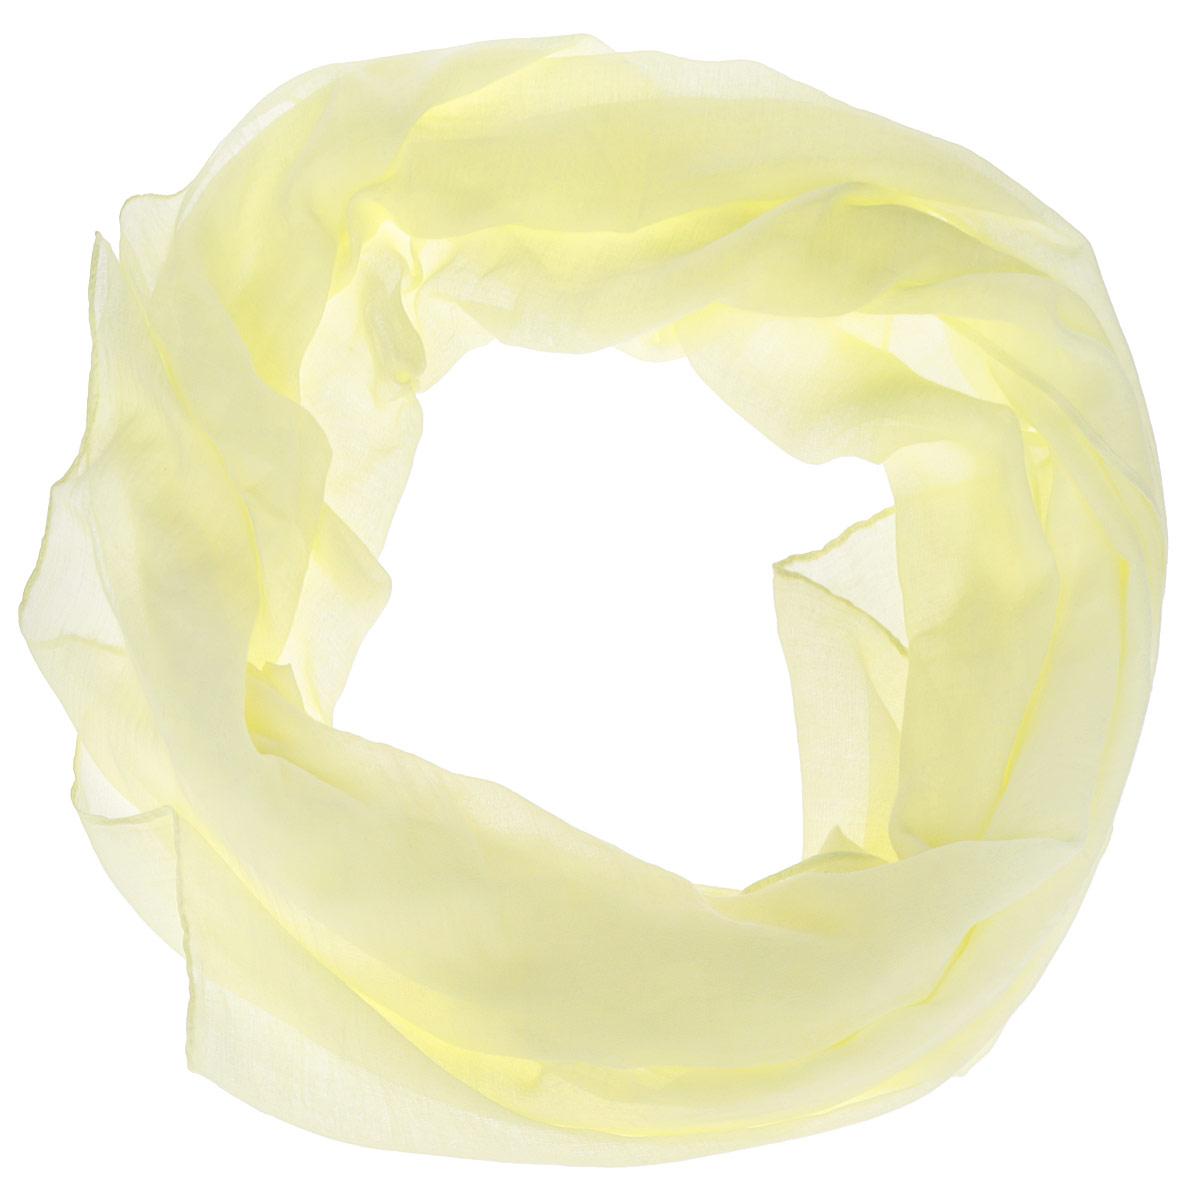 ШарфOT2016-2Модный женский шарф Fabretti подарит вам уют и станет стильным аксессуаром, который призван подчеркнуть вашу индивидуальность и женственность. Тонкий шарф выполнен из высококачественной 100% вискозы, он невероятно мягкий и приятный на ощупь. Однотонный шарф будет великолепно сочетаться с любыми нарядами. Этот модный аксессуар гармонично дополнит образ современной женщины, следящей за своим имиджем и стремящейся всегда оставаться стильной и элегантной. Такой шарф украсит любой наряд и согреет вас в непогоду, с ним вы всегда будете выглядеть изысканно и оригинально.